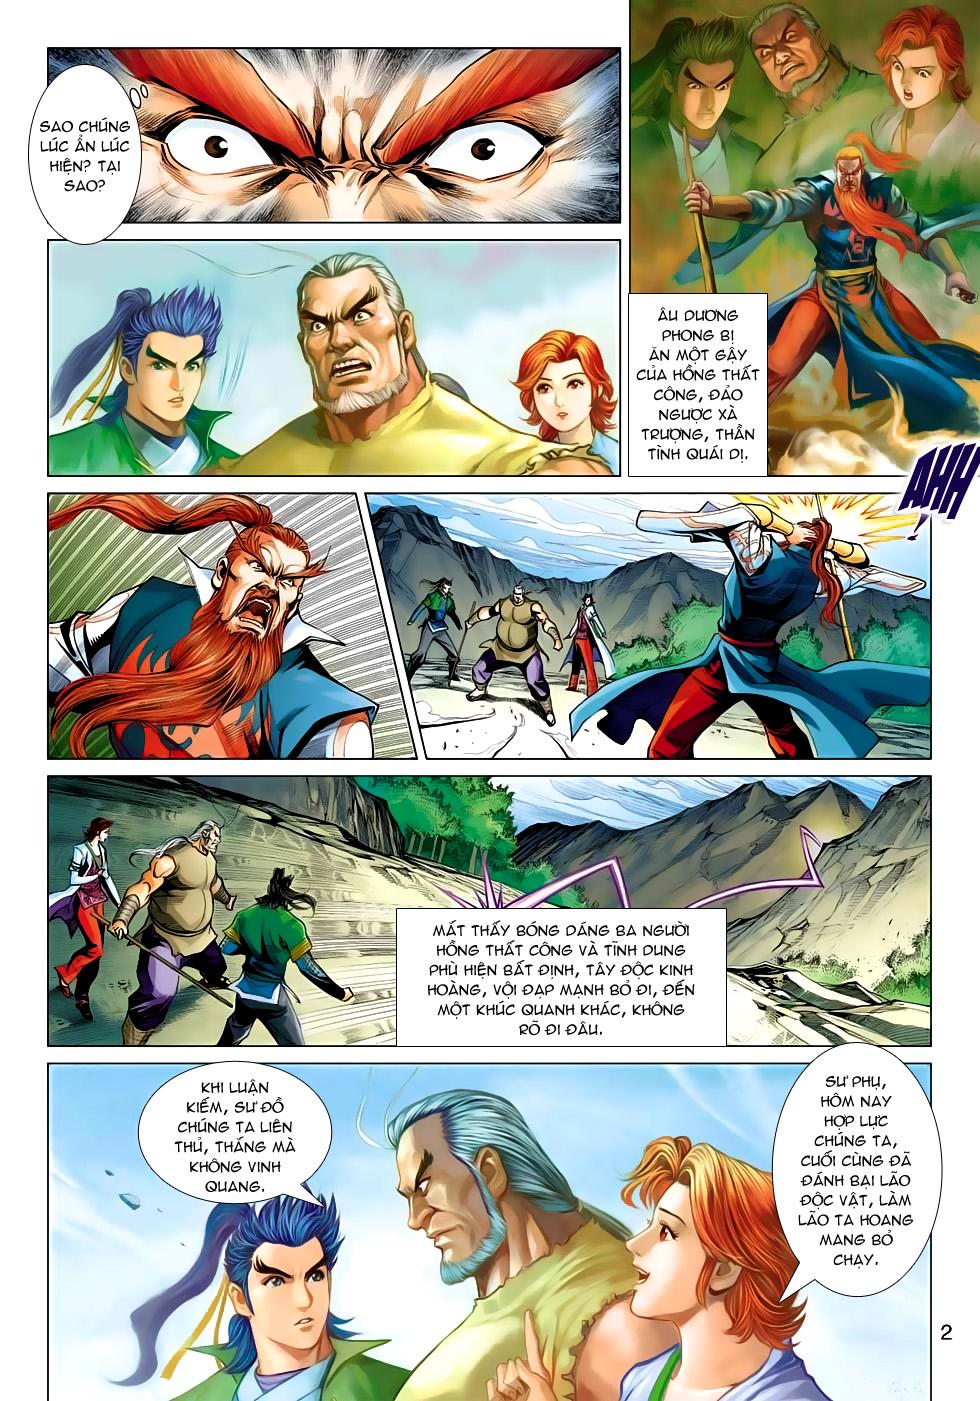 Xạ Điêu Anh Hùng Truyện chap 100 – End Trang 2 - Mangak.info